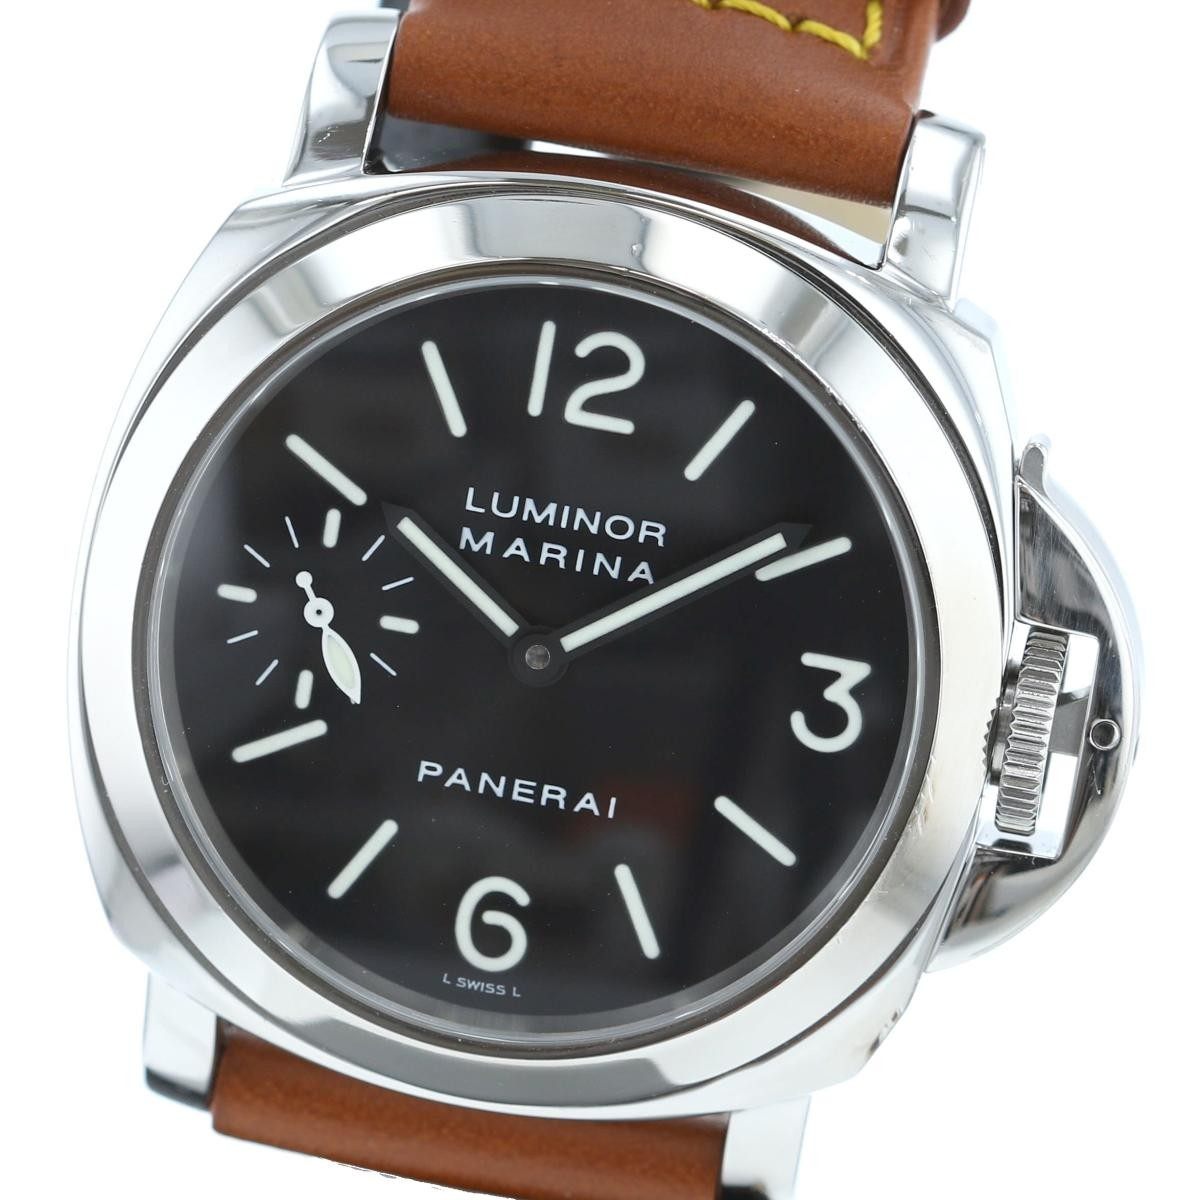 【中古】PANERAI パネライ ルミノール マリーナ 44� 時計 手巻き/メンズ  Black/ブラック PAM00001 used:A